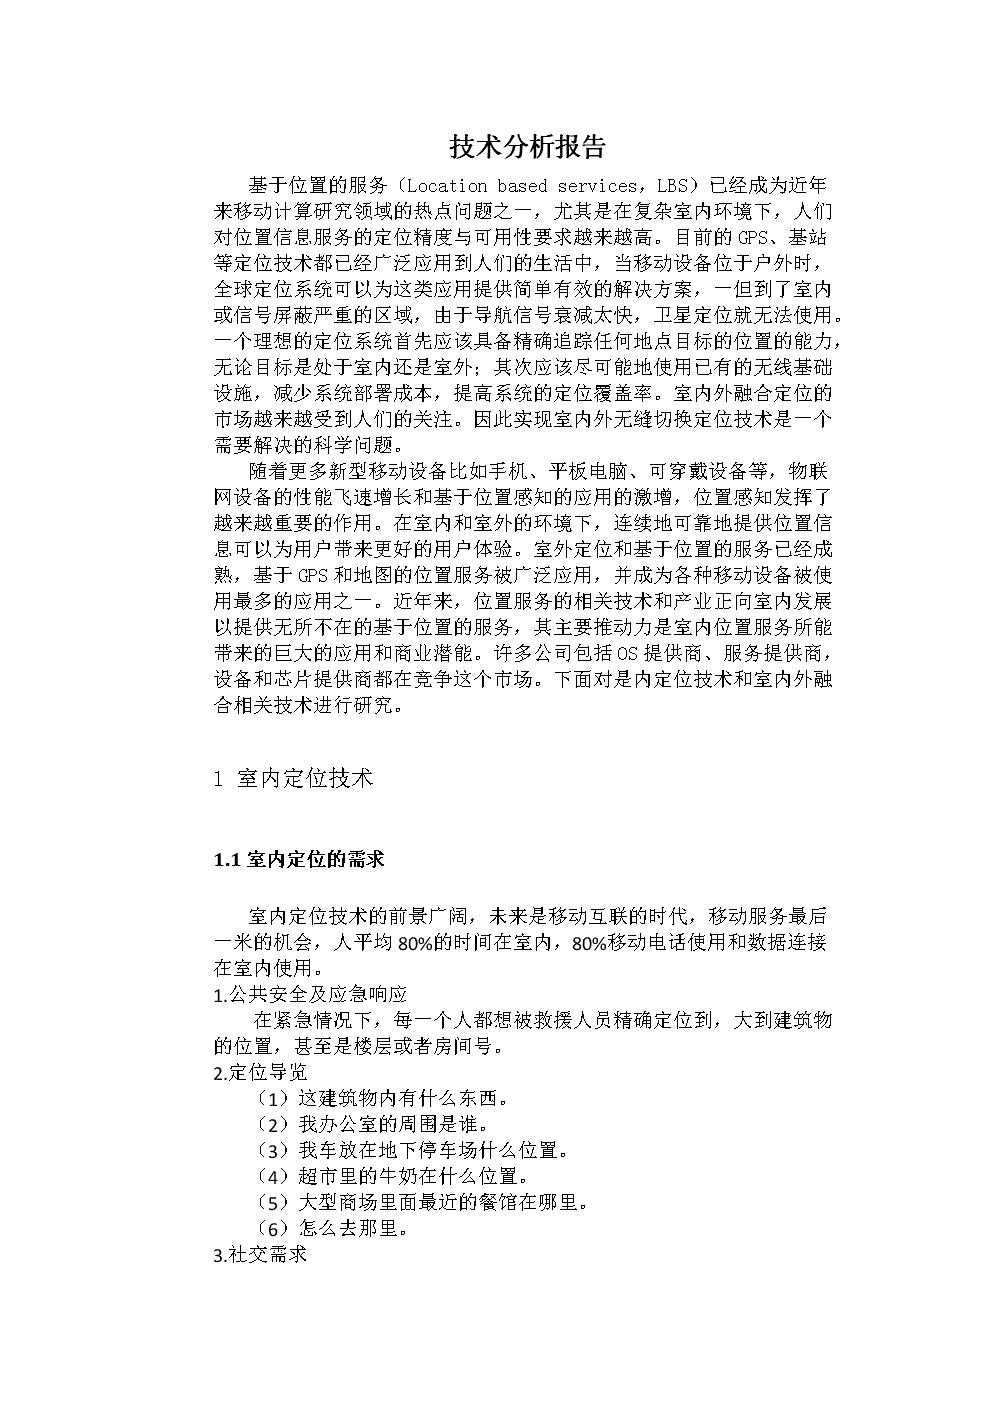 室内外融合定位技术研究报告.docx